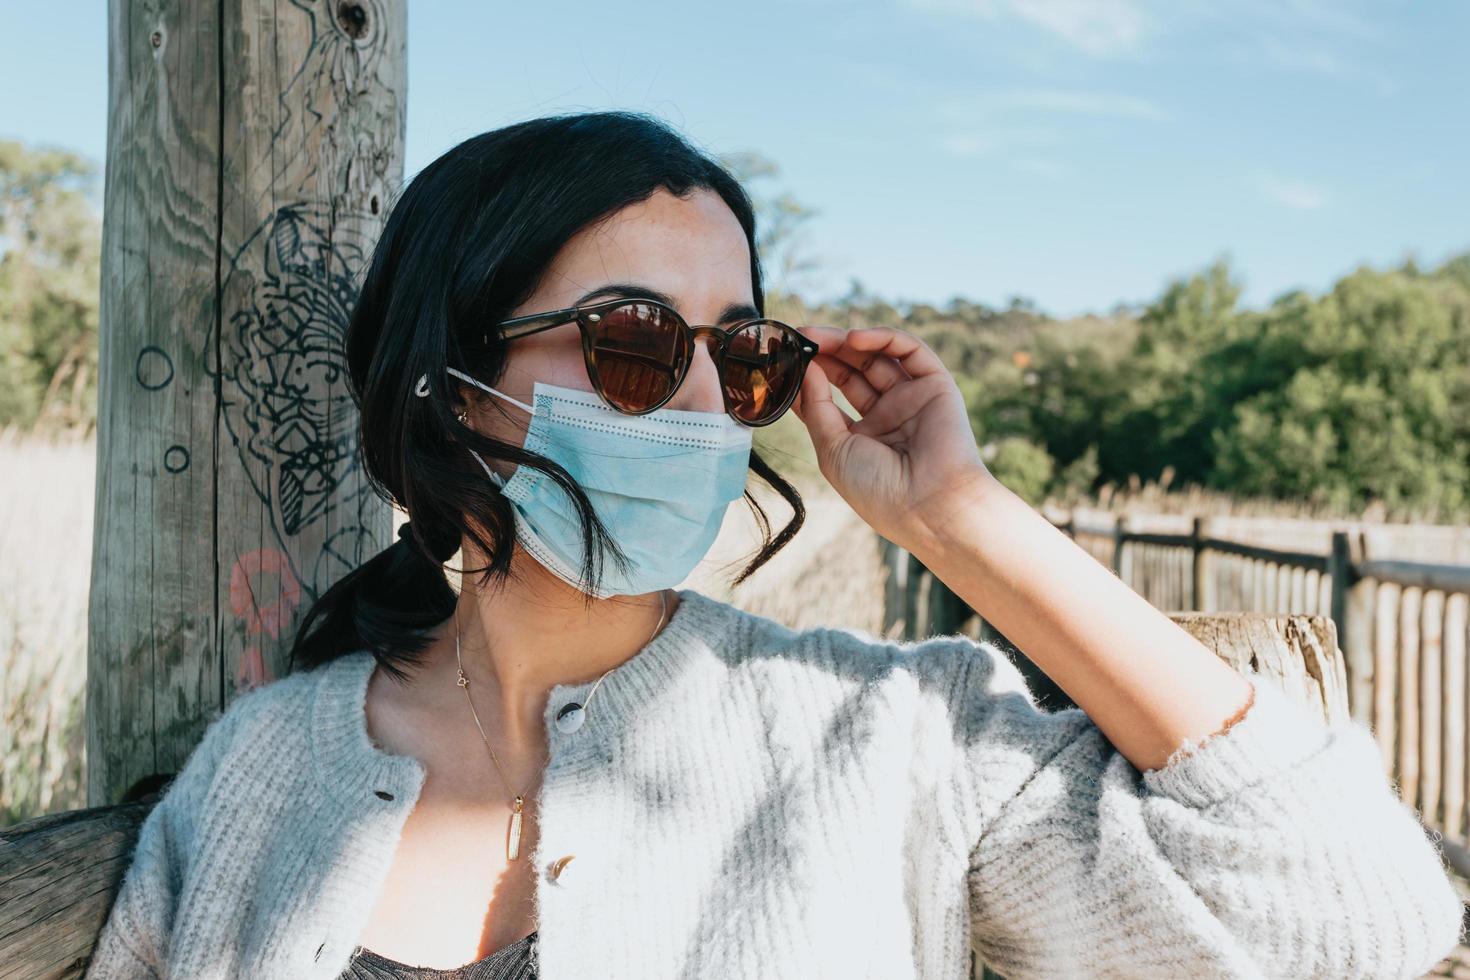 kvinna som använder solglasögon och en ansiktsmask foto